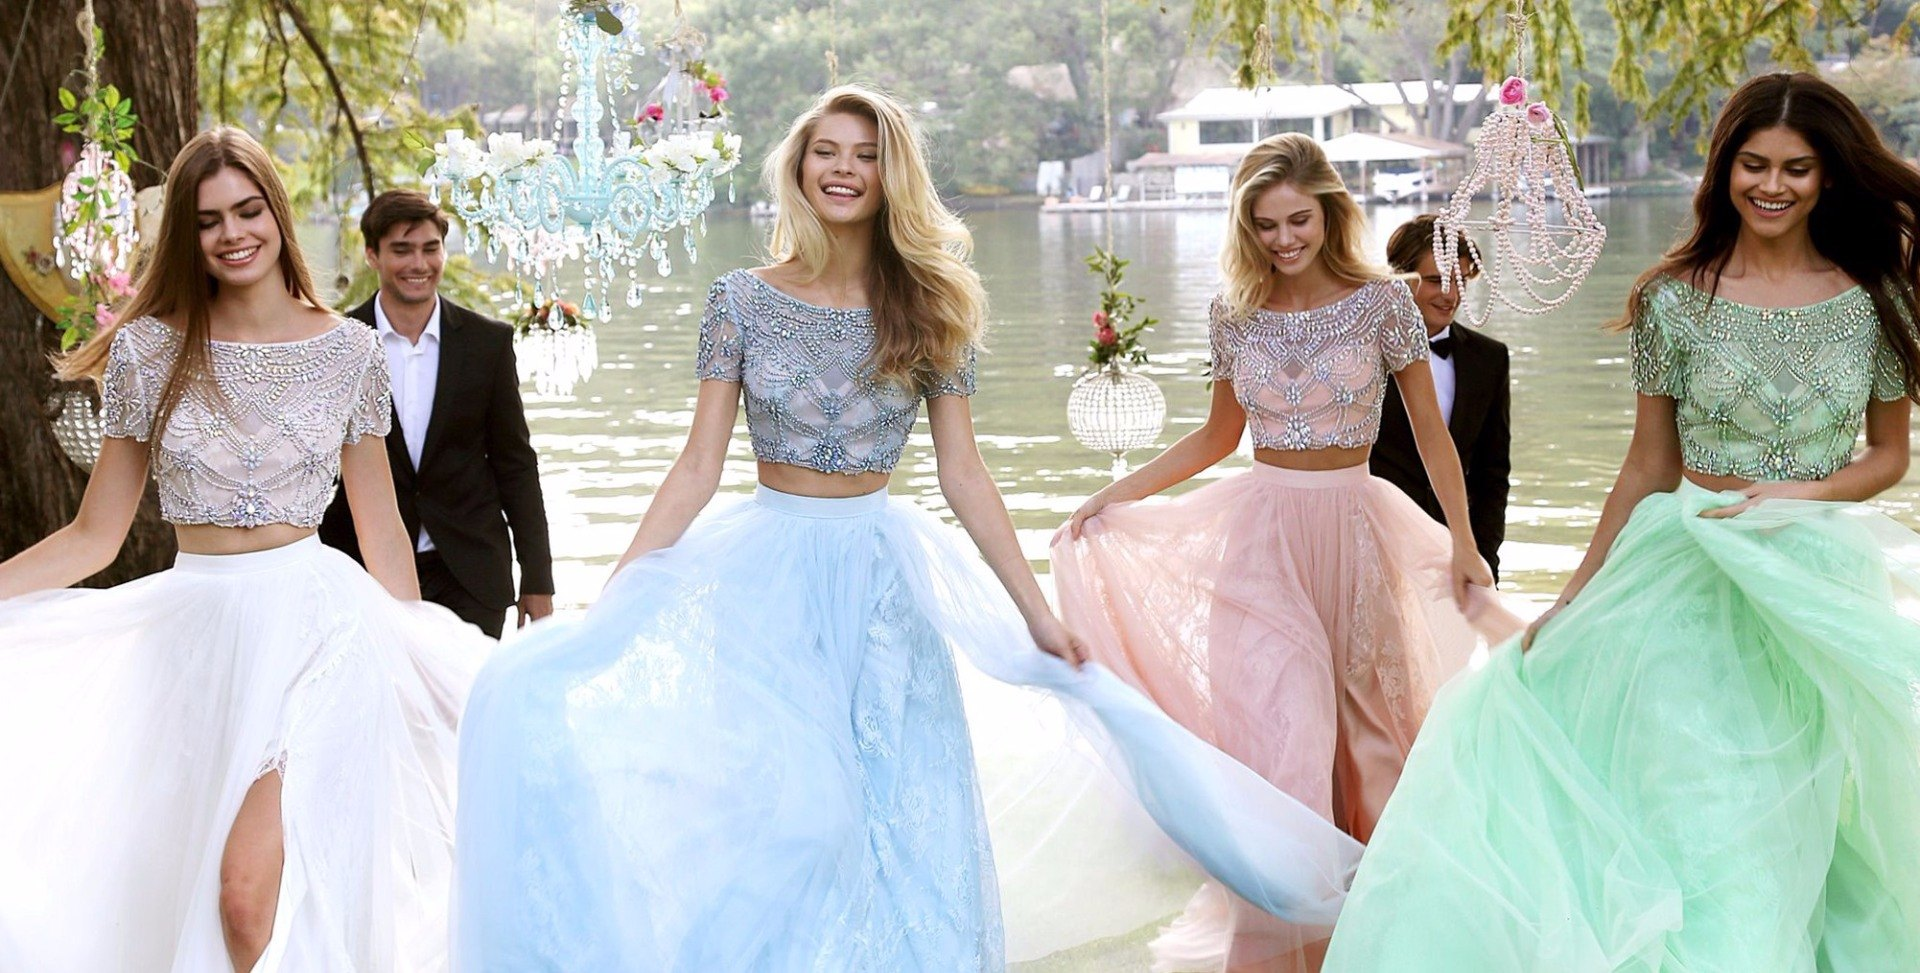 39e310f04269d В жизни каждой девушки есть два знаменательных события, которые оставляют  отпечаток на всю жизнь – это свадьба и выпускной вечер.